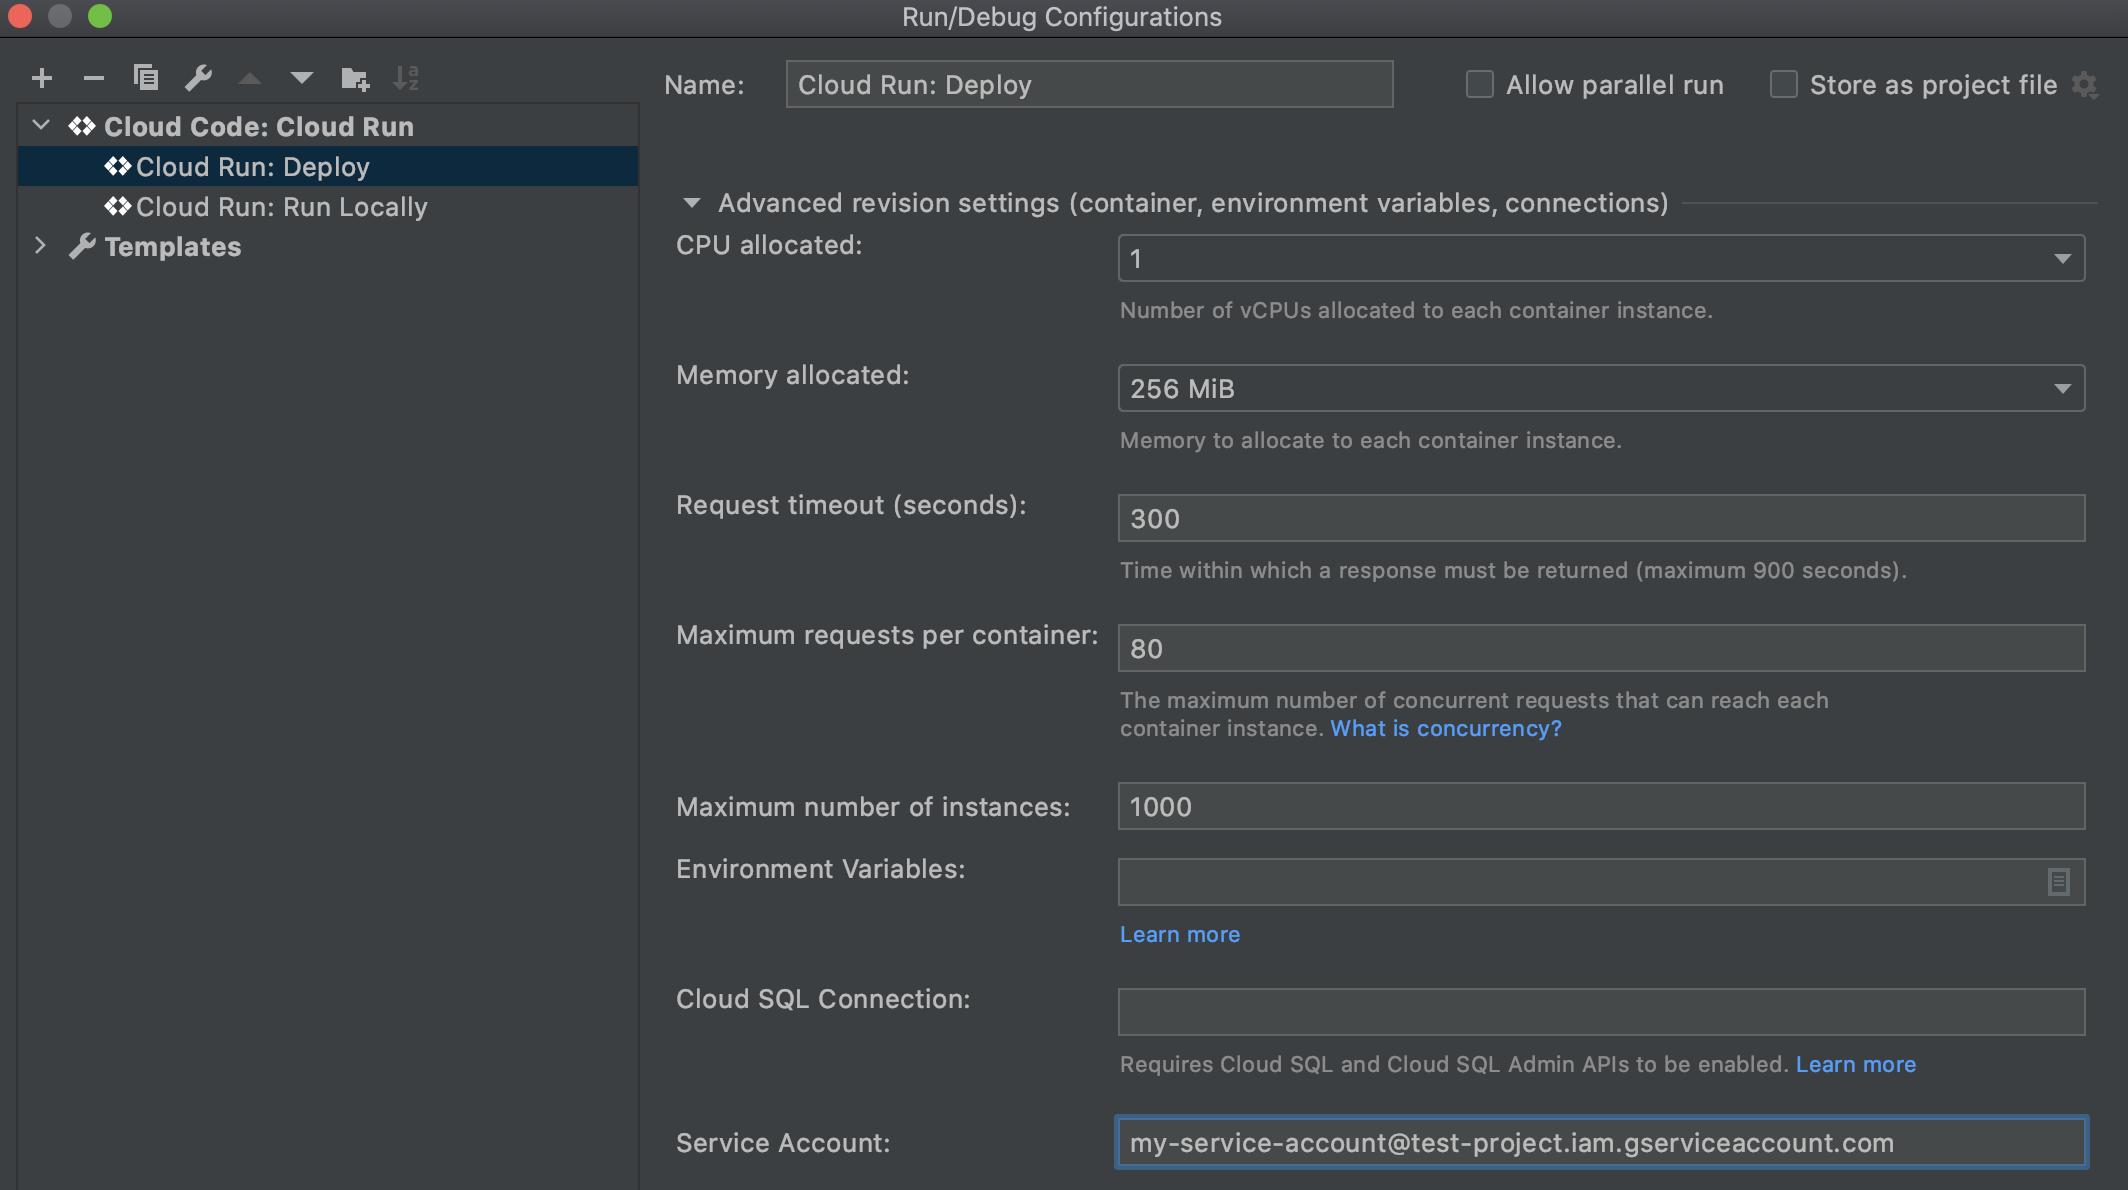 A seção de configurações avançadas de revisão foi expandida no Cloud Run e o campo de implantação e conta de serviço preenchido com o nome da conta de serviço no formato service-account-name@project-name.iam.gserviceaccount.com